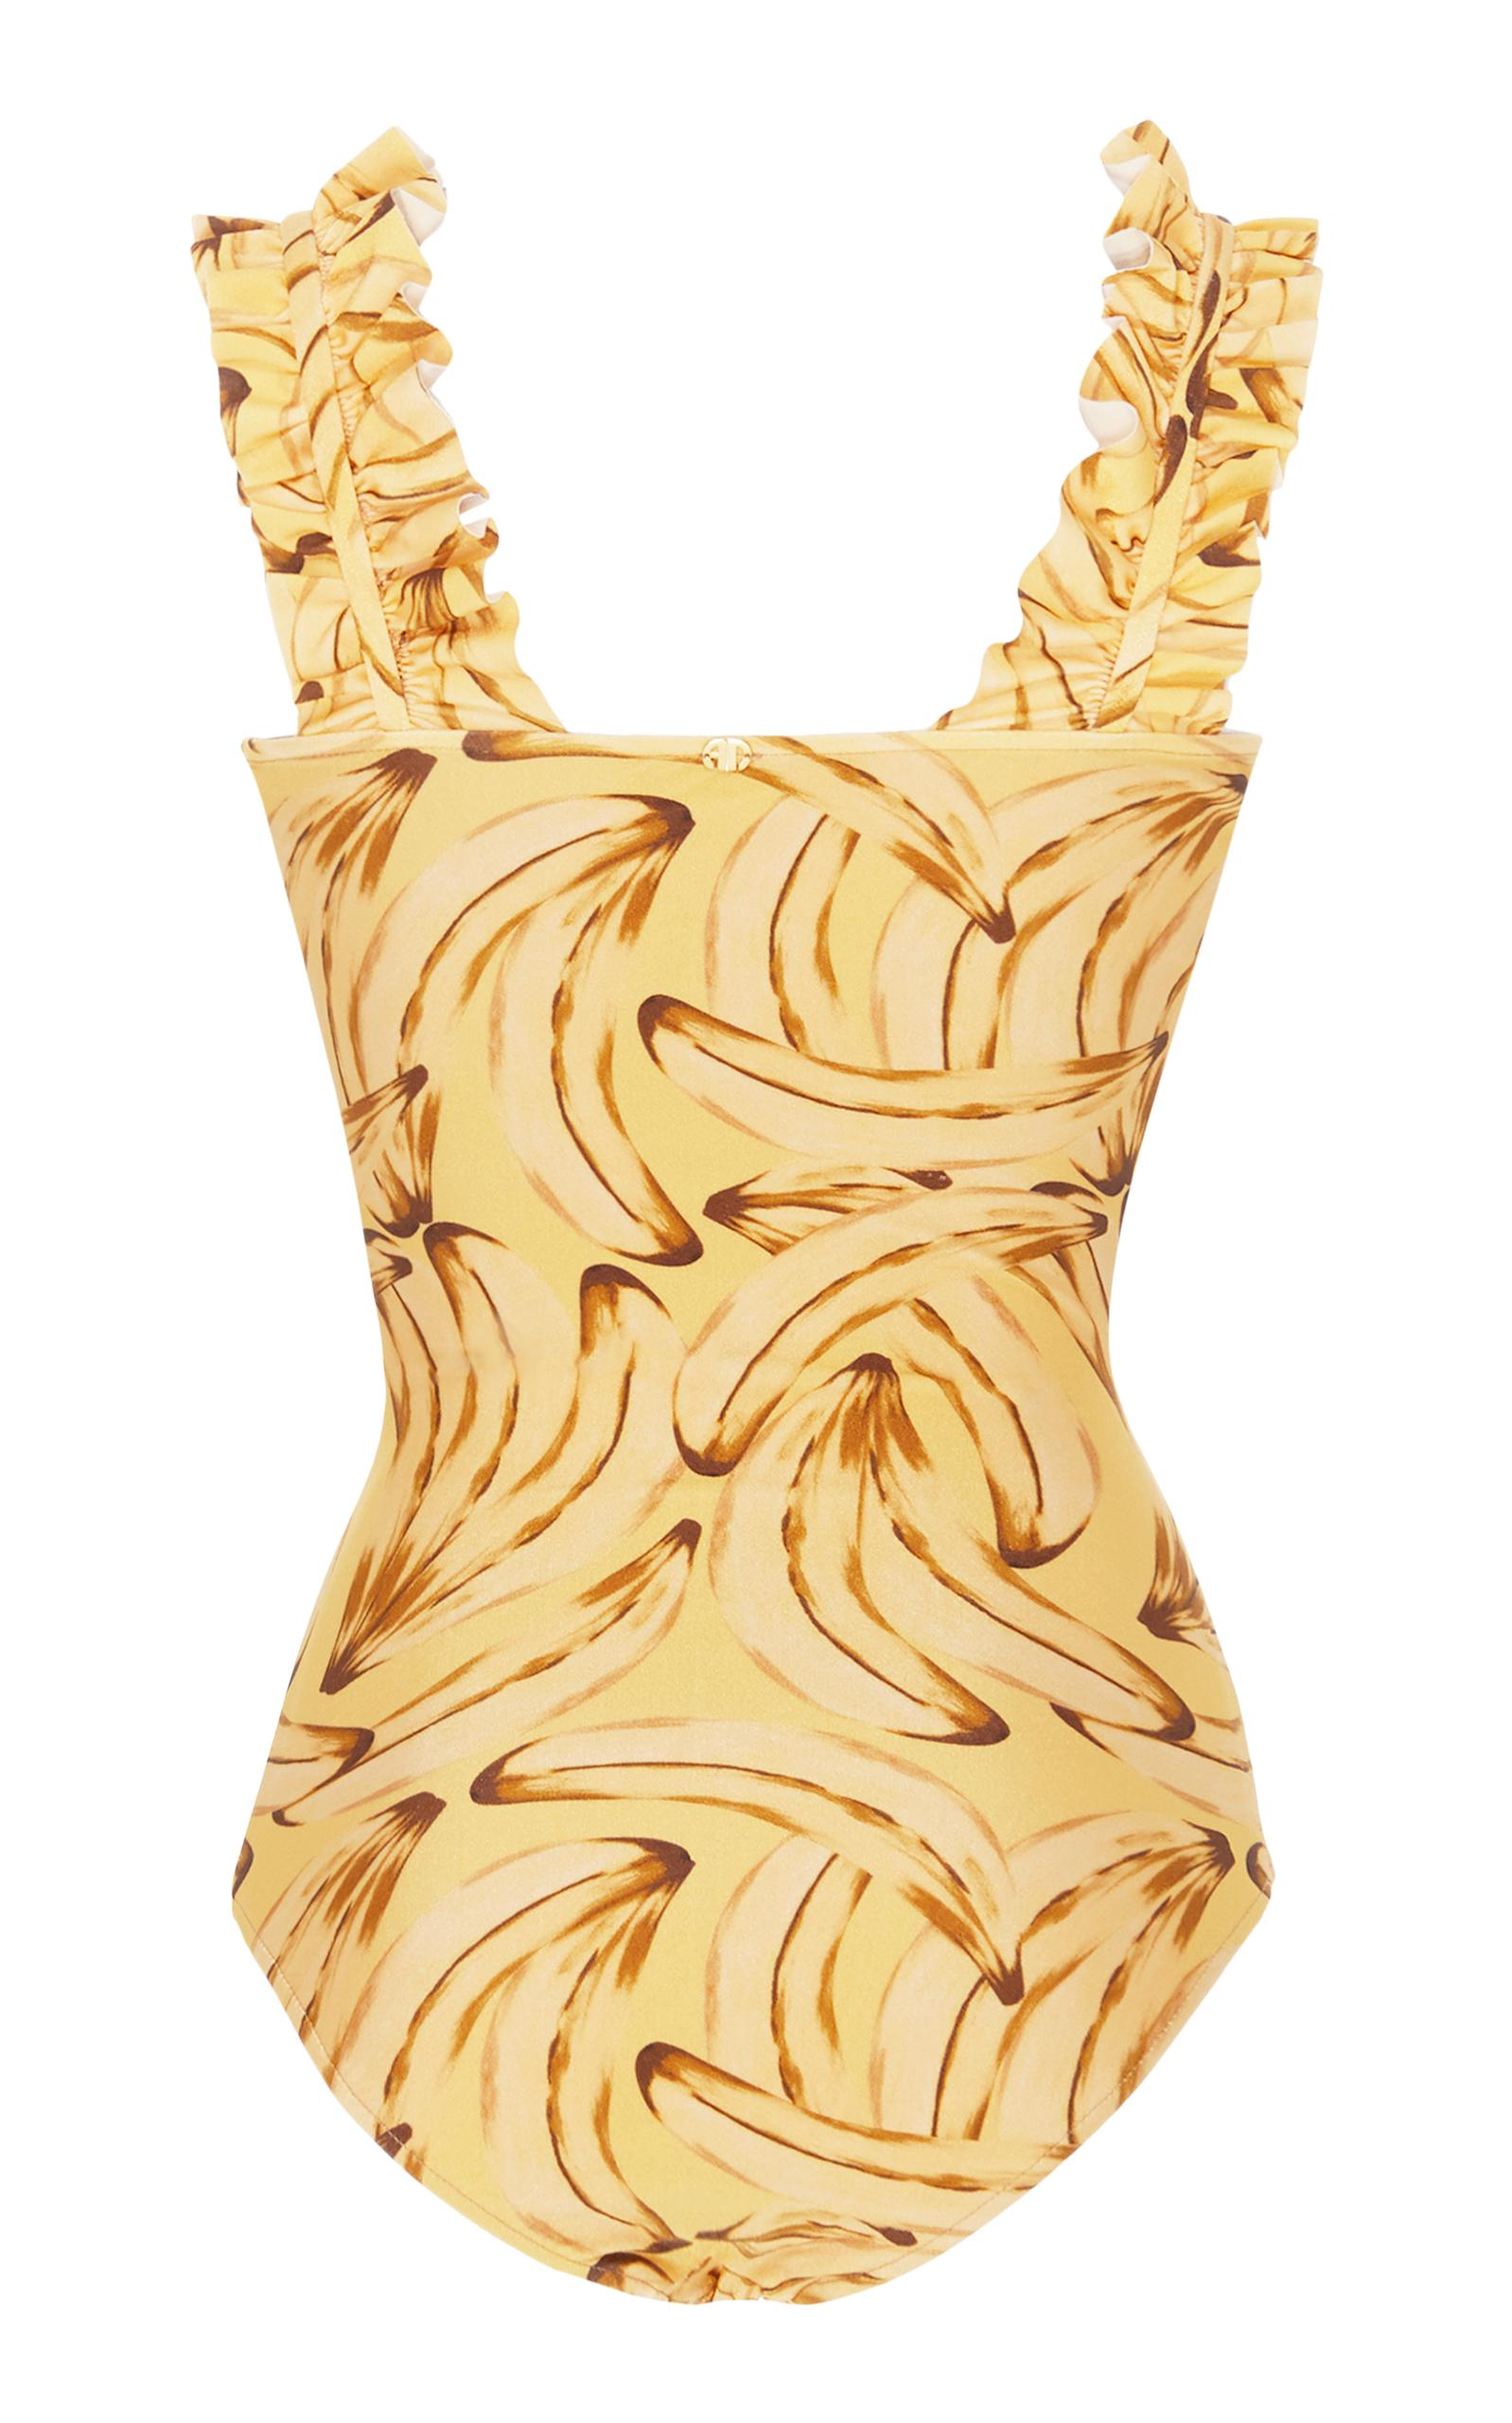 Très En Ligne Vente Pas Cher Choisir Un Meilleur Adriana Degreas Muse Print Swimsuit With Ruffles vedTWEDyg